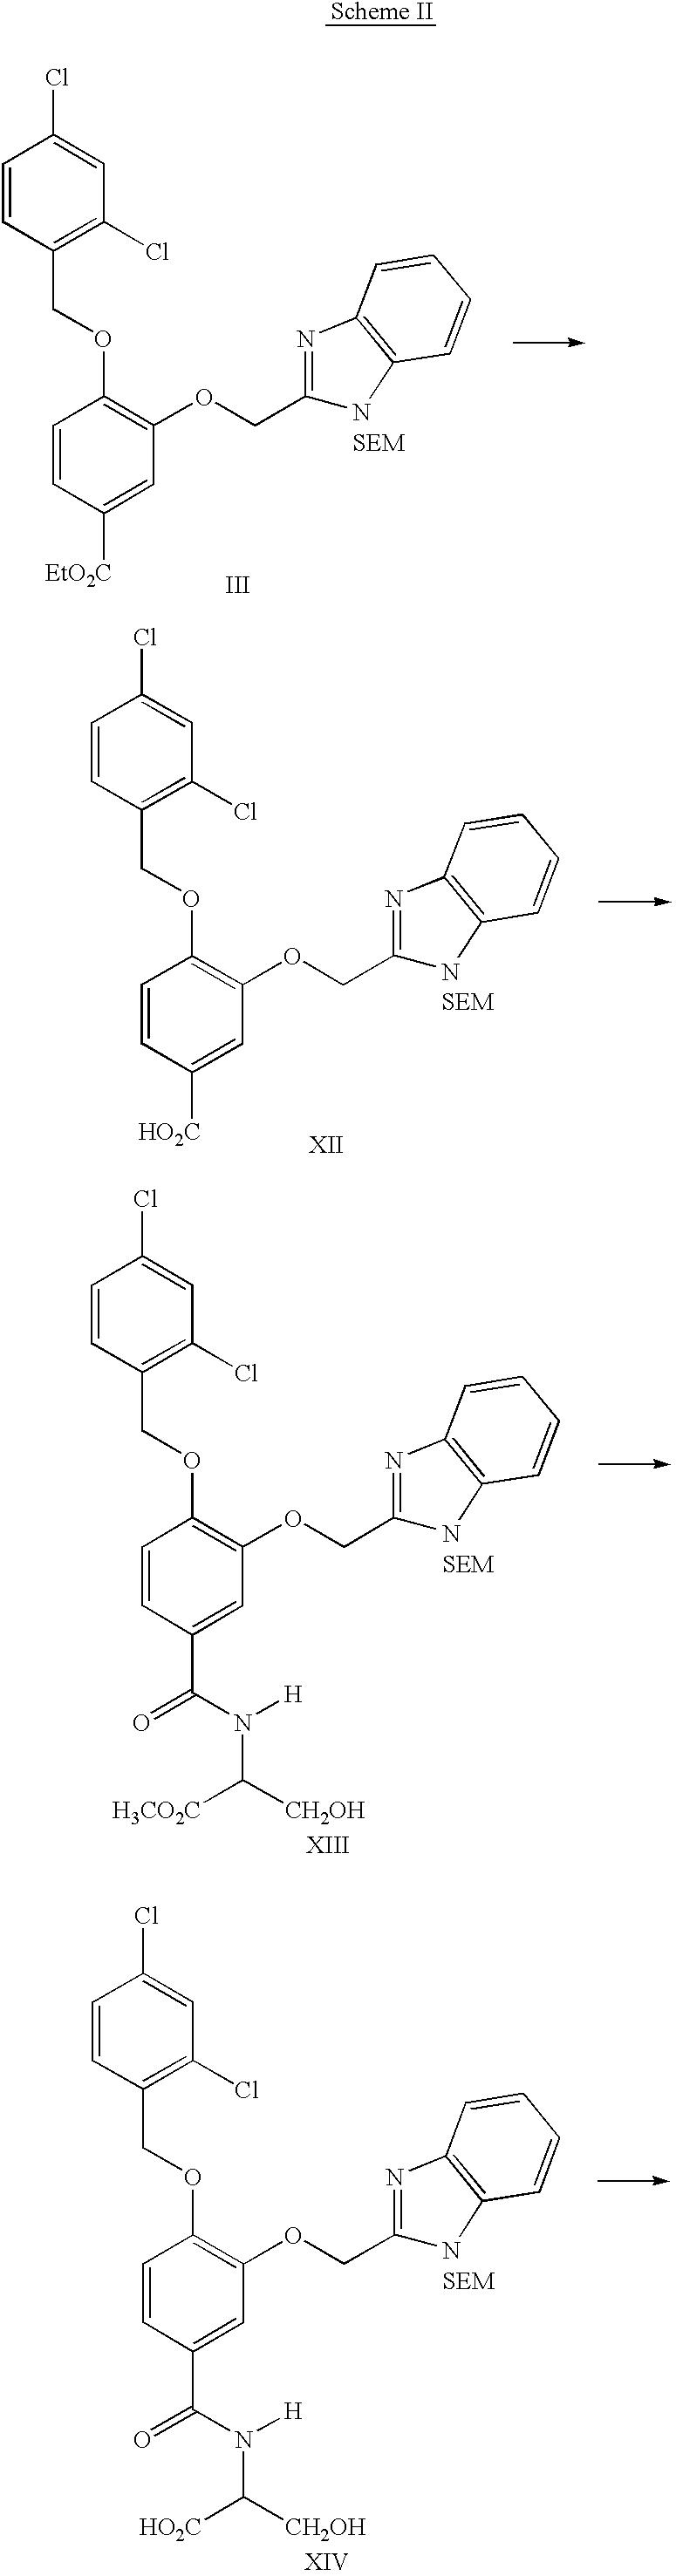 Figure US06545015-20030408-C00007